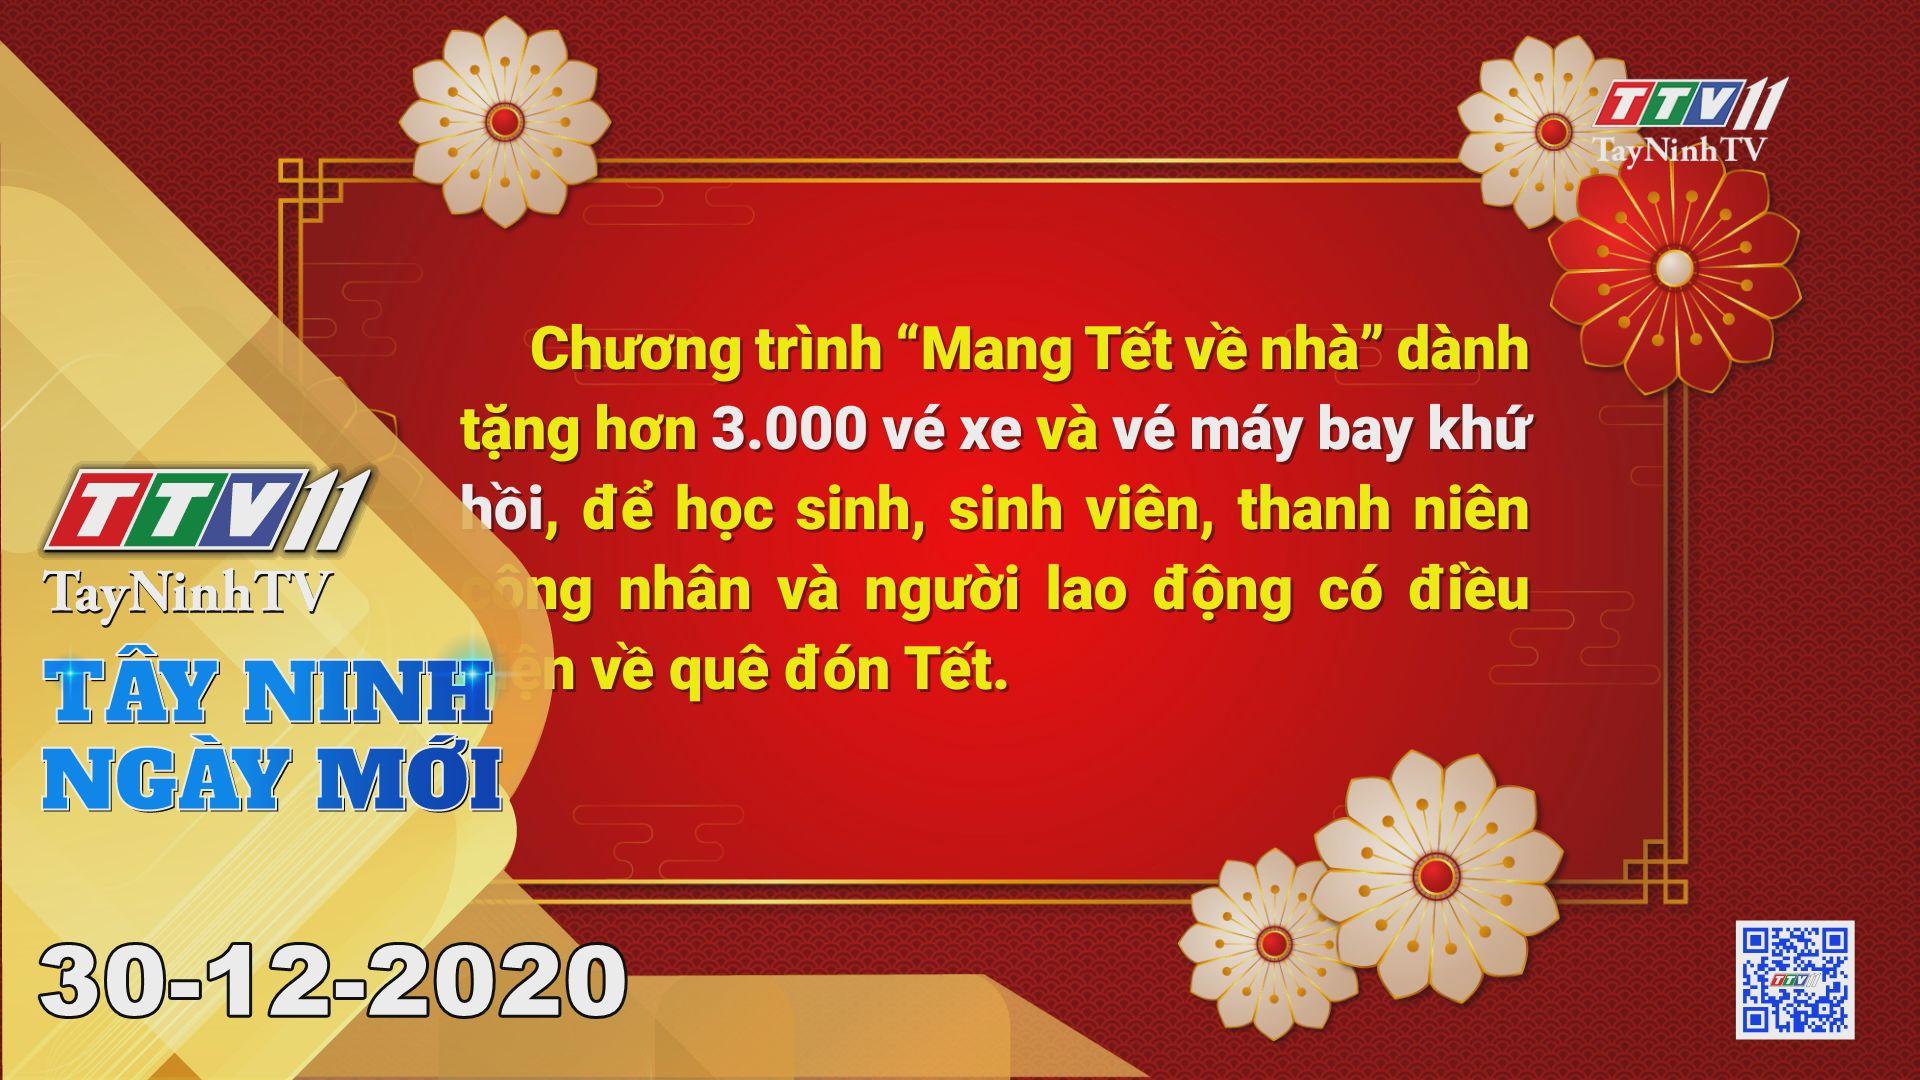 Tây Ninh Ngày Mới 30-12-2020 | Tin tức hôm nay | TayNinhTV